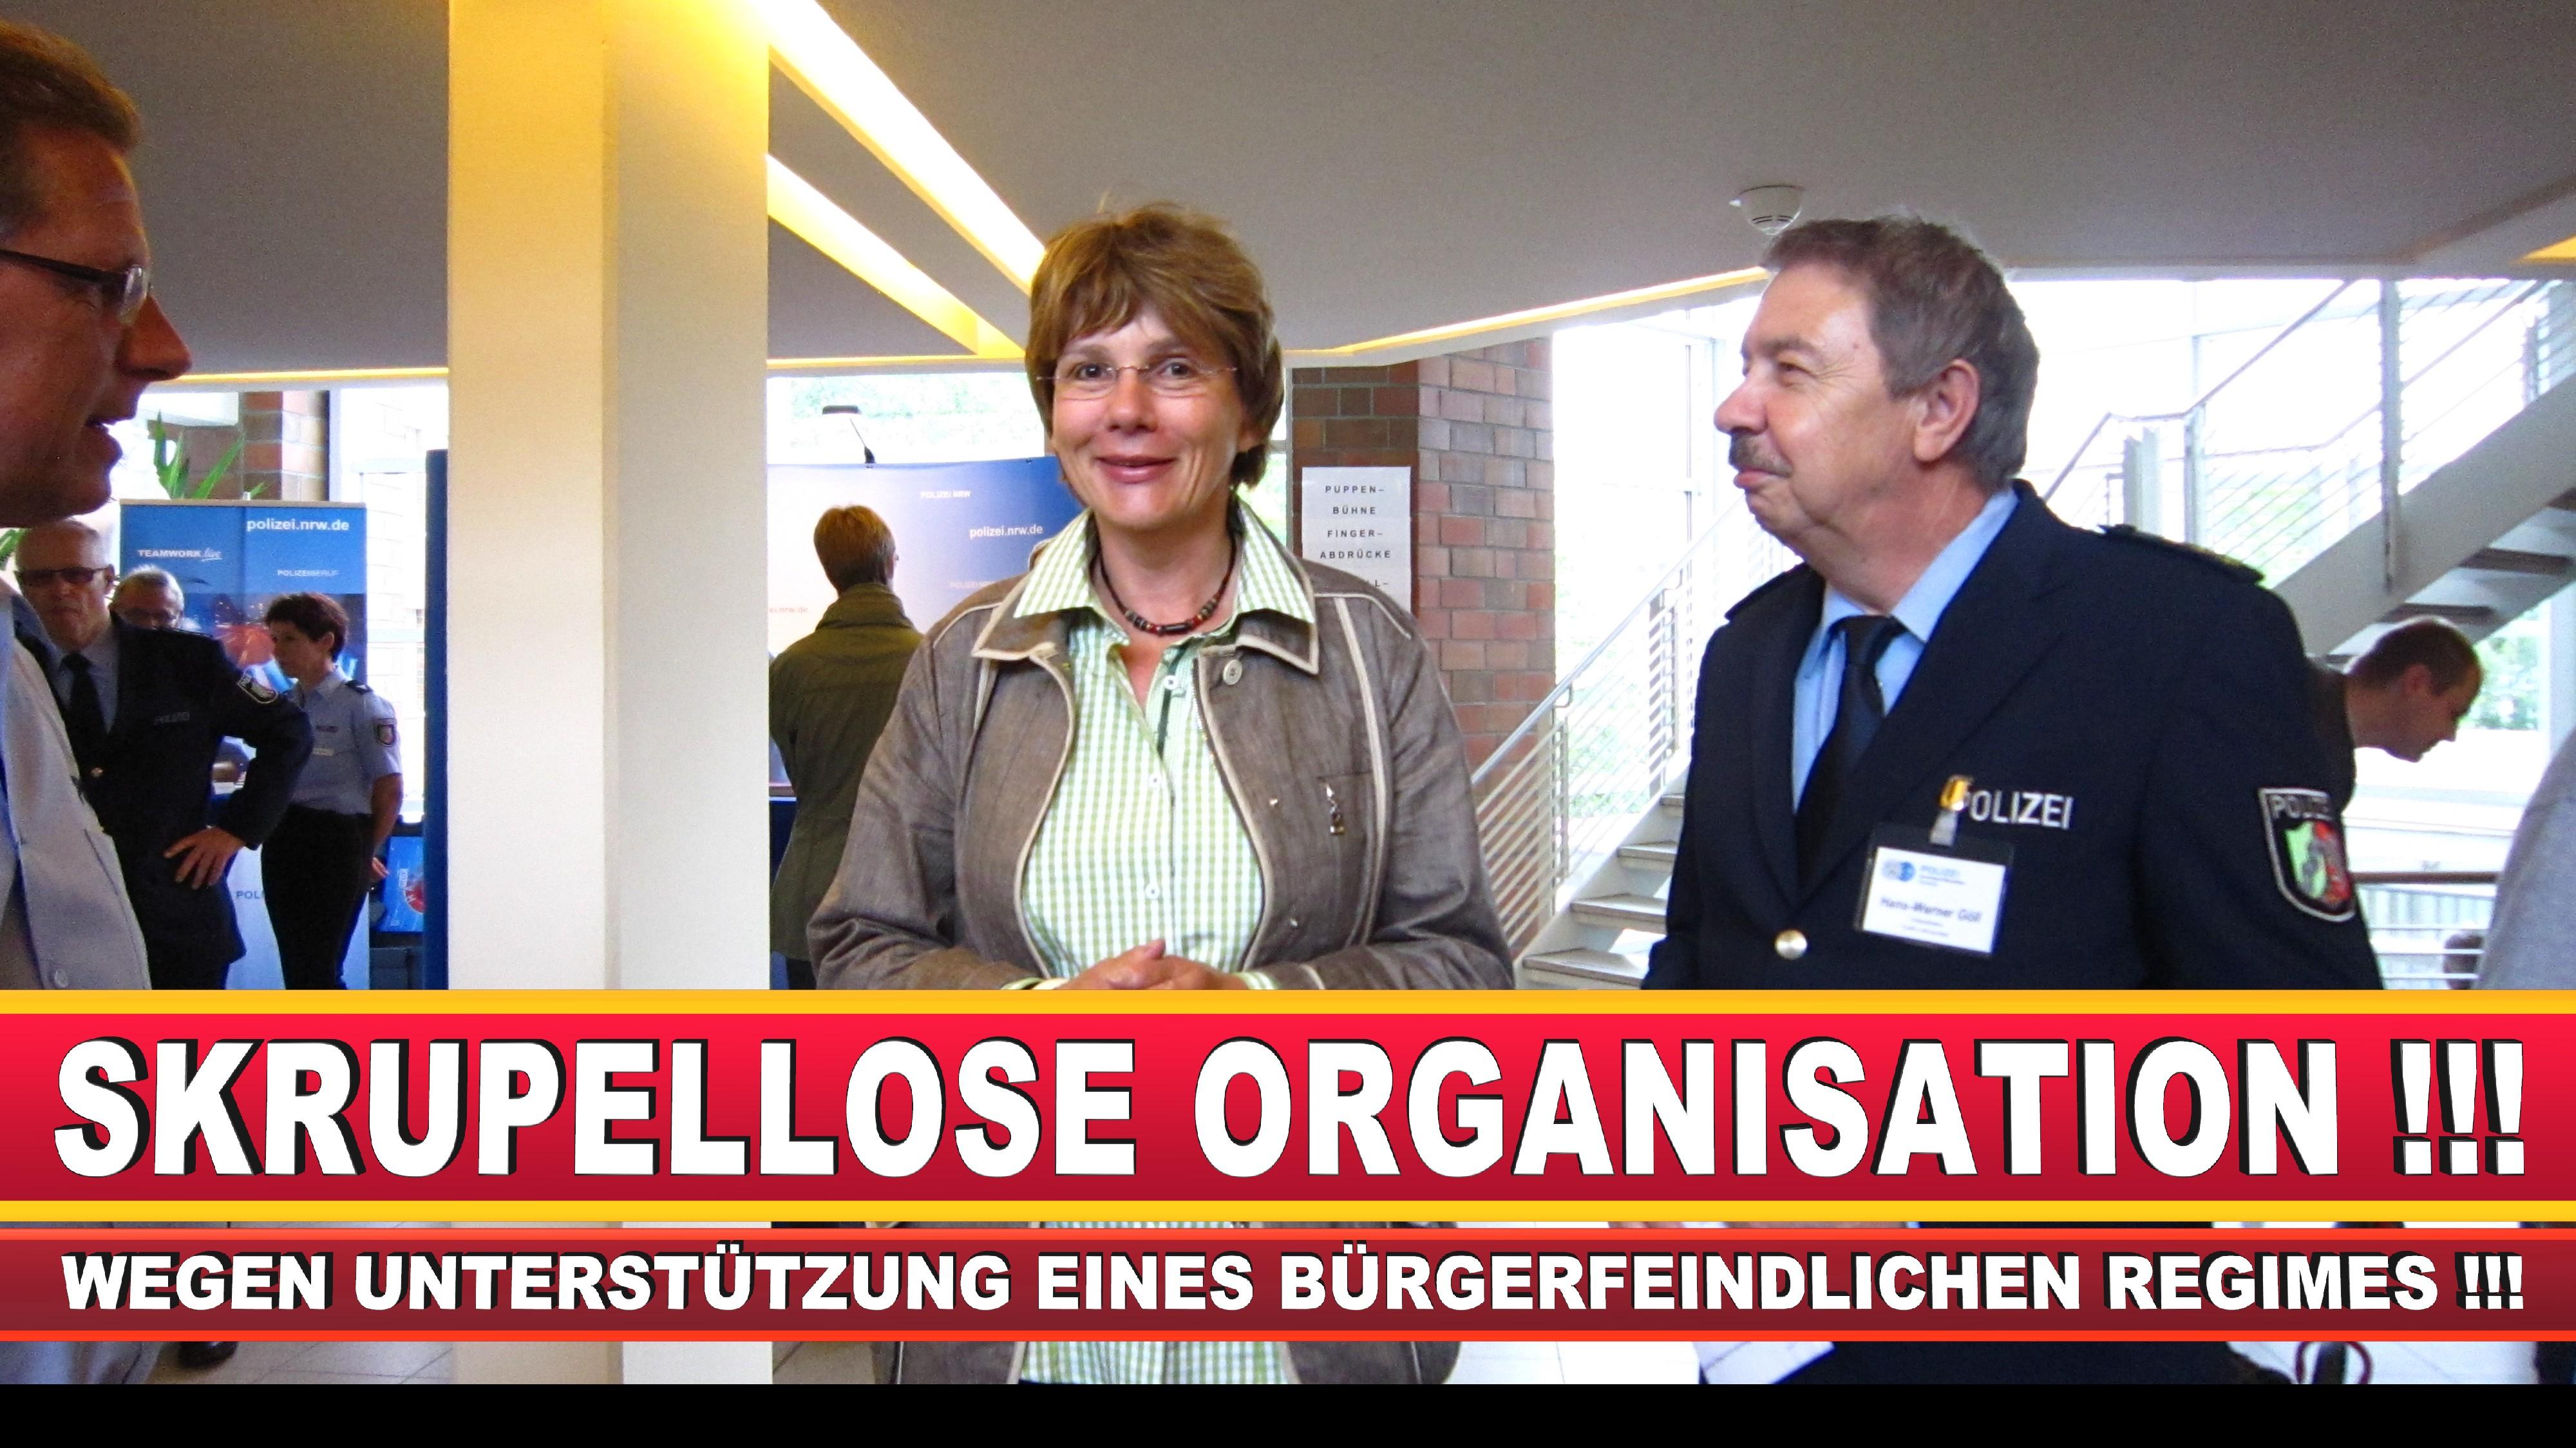 Polizeipräsidentin Katharina Giere Polizei Bielefeld NRW Erwin Südfeld Horst Kruse Polizeiuniform Polizeigewalt DEMONSTRATION Bahnhof (24)